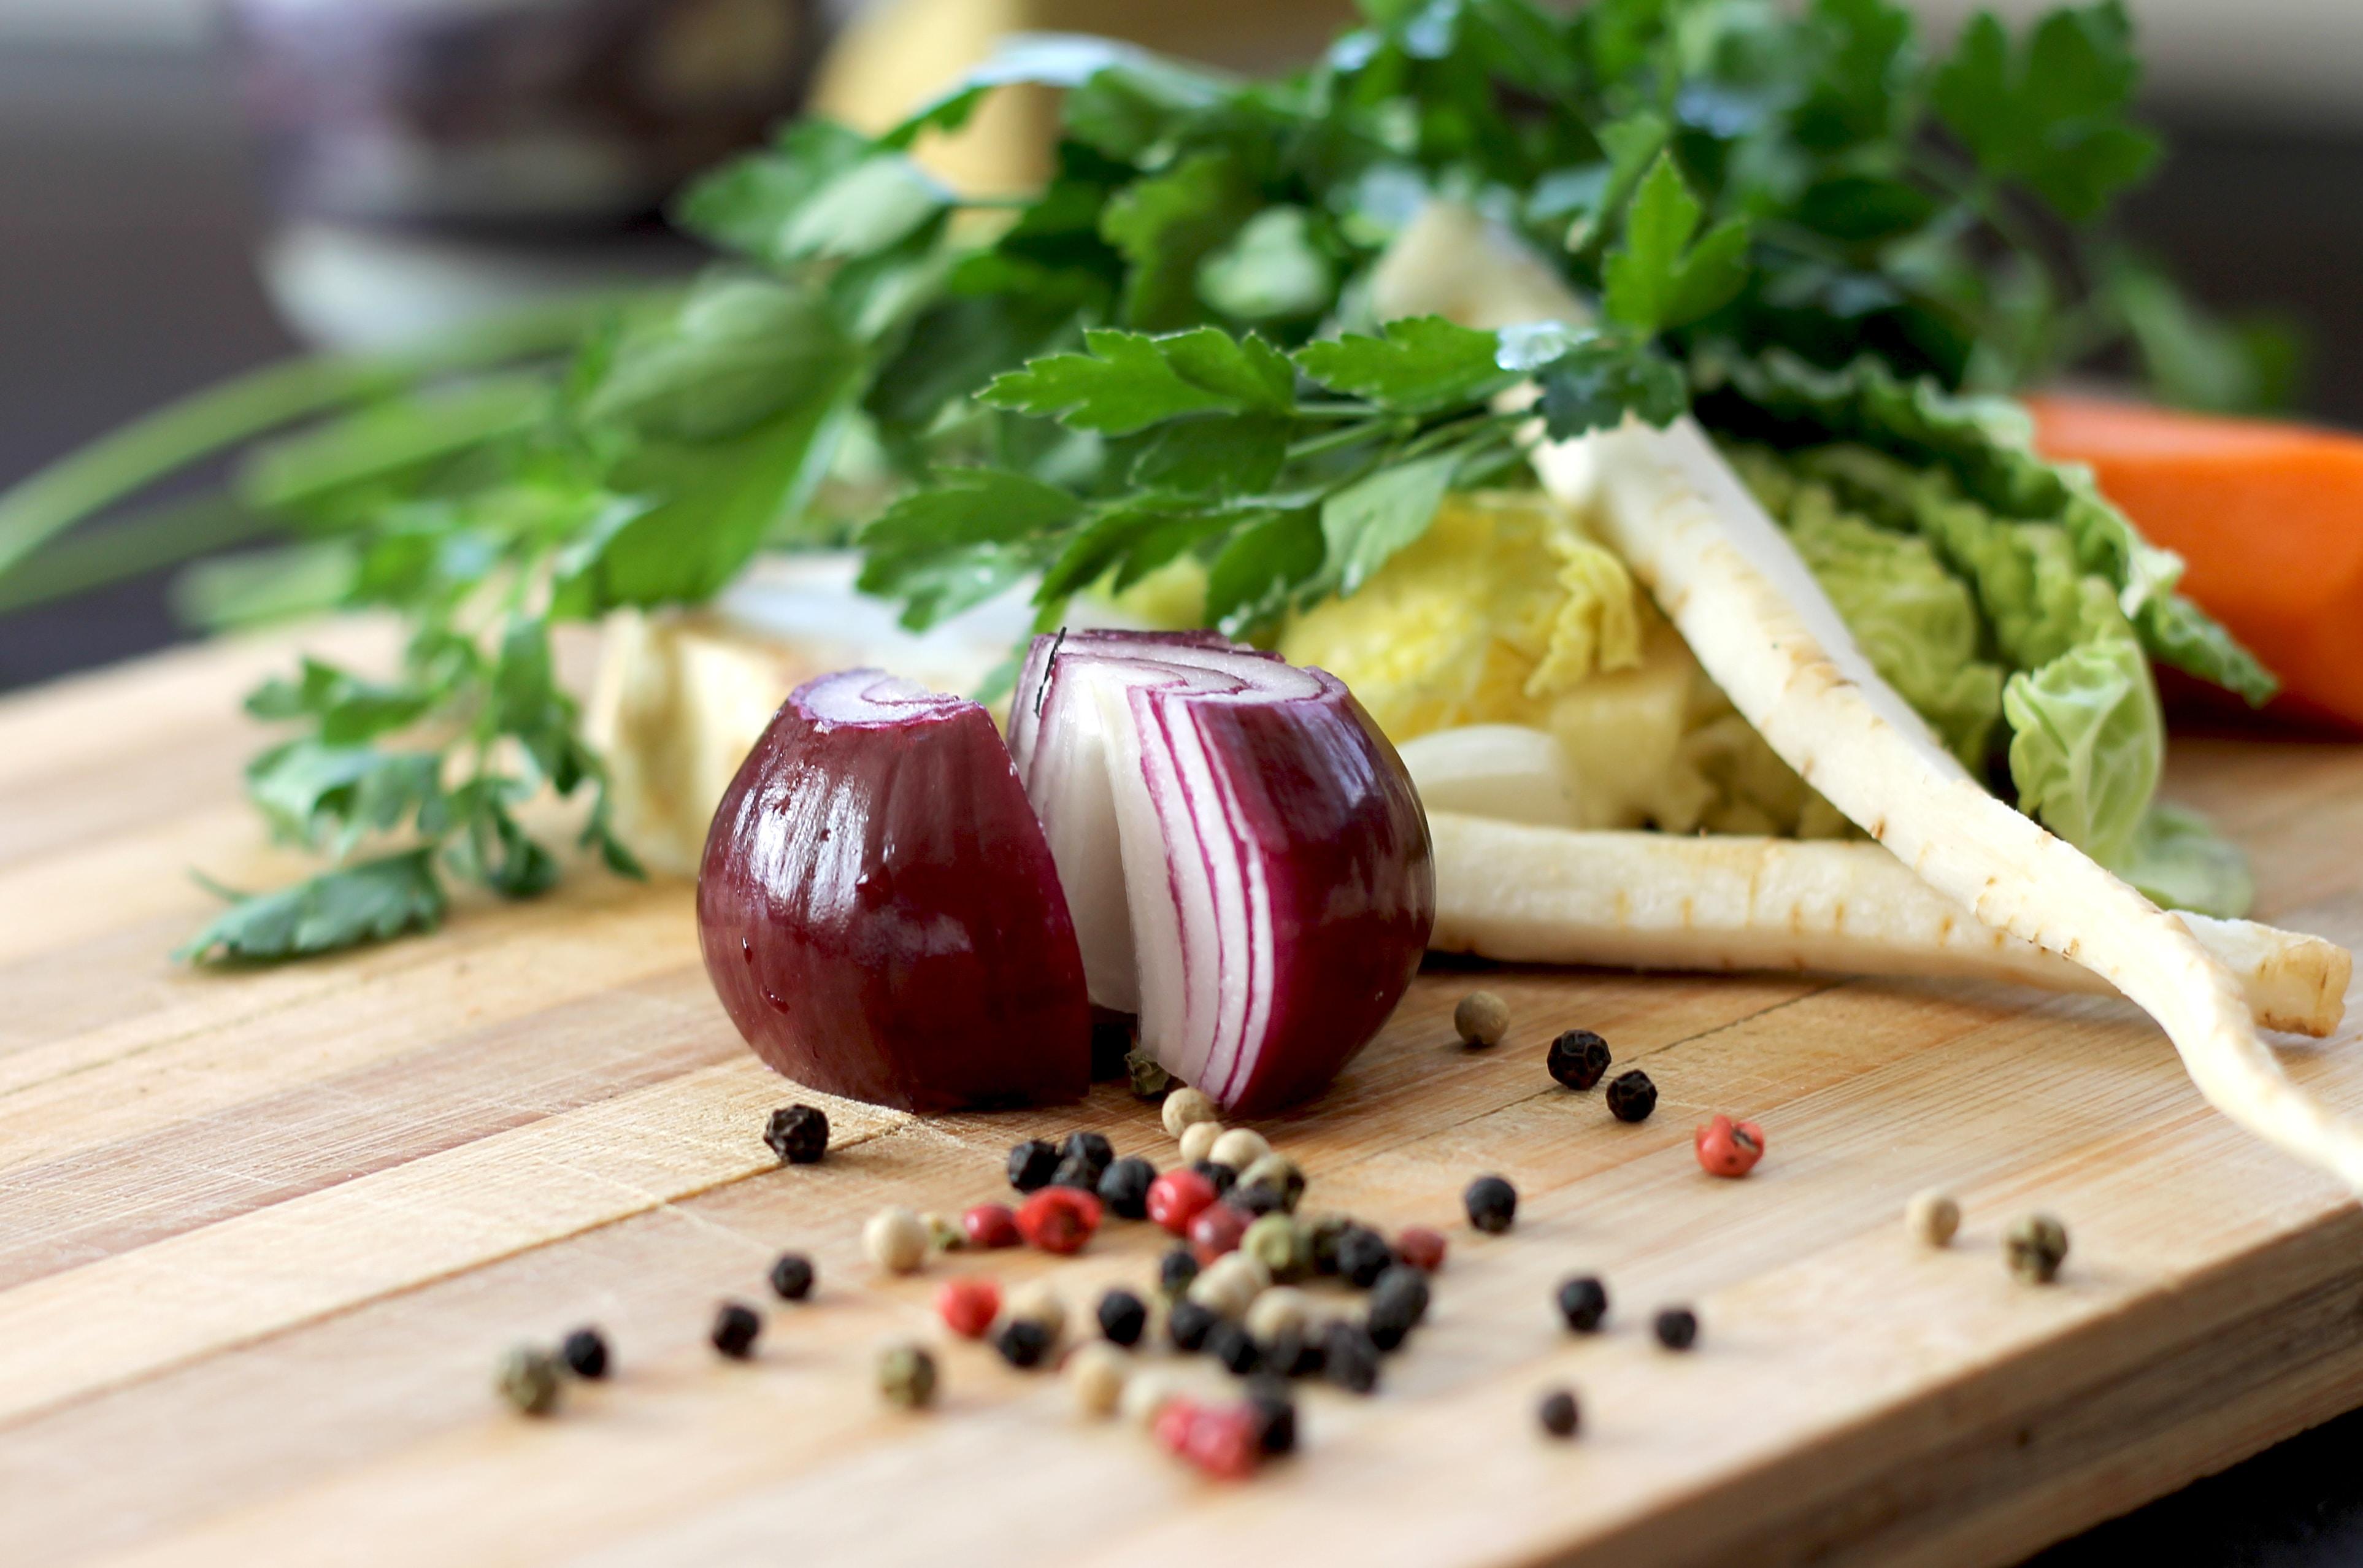 野菜ソムリエを仕事に活かす